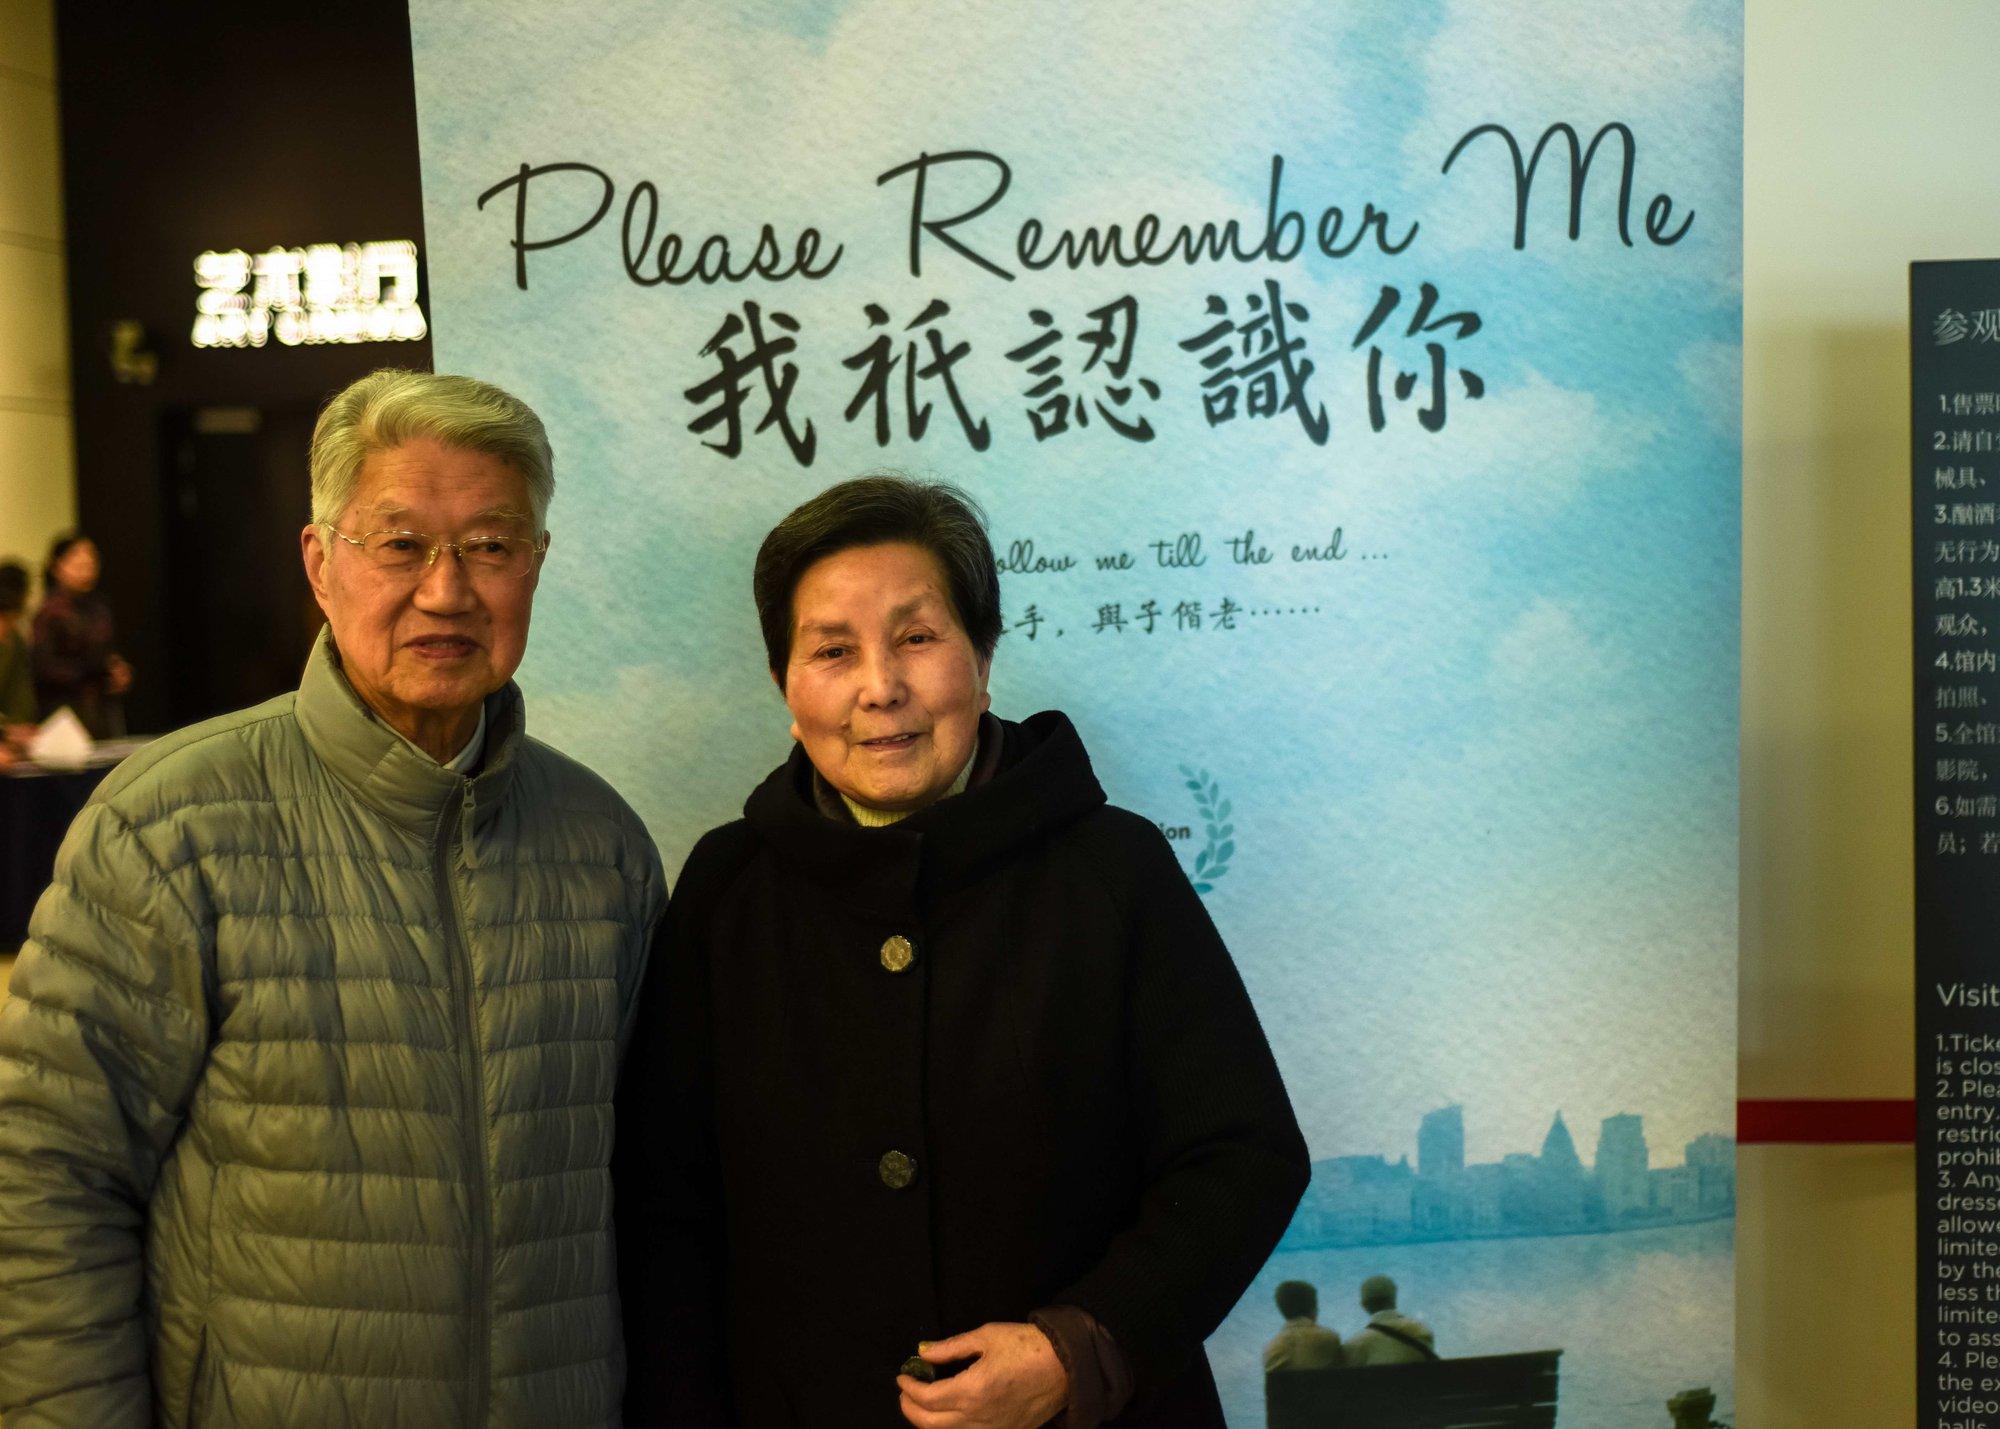 树锋、味芳参加2015年的上海点映